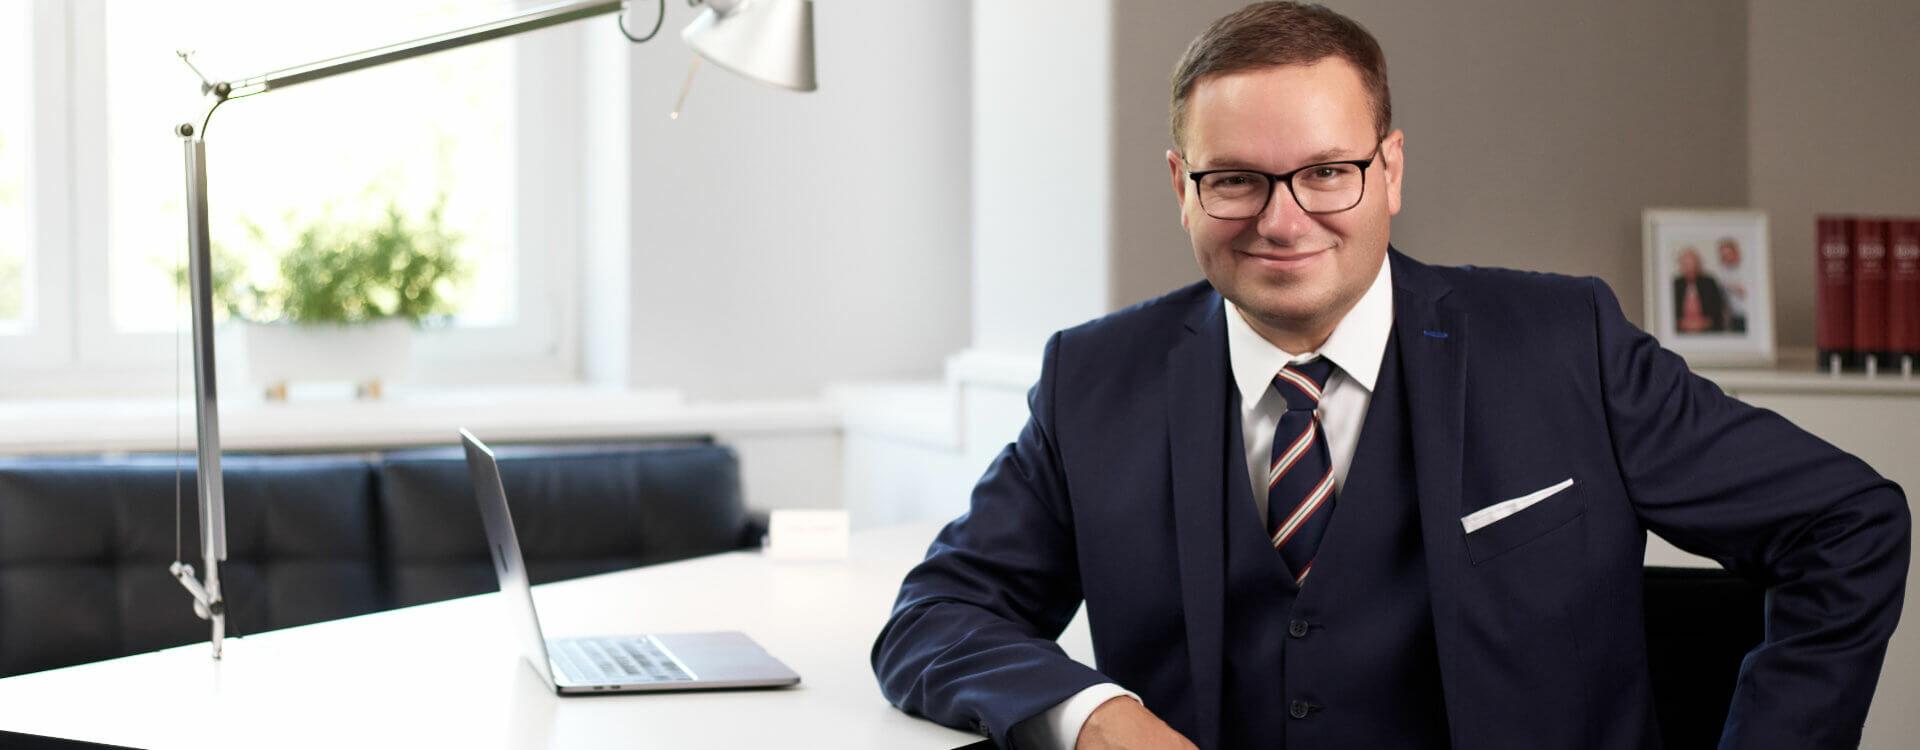 LAUDON || SCHNEIDER: Kanzlei für Strafrecht und Strafverteidigung in Hamburg - Rechtsanwalt und Fachanwalt für Strafrecht Mirko Laudon